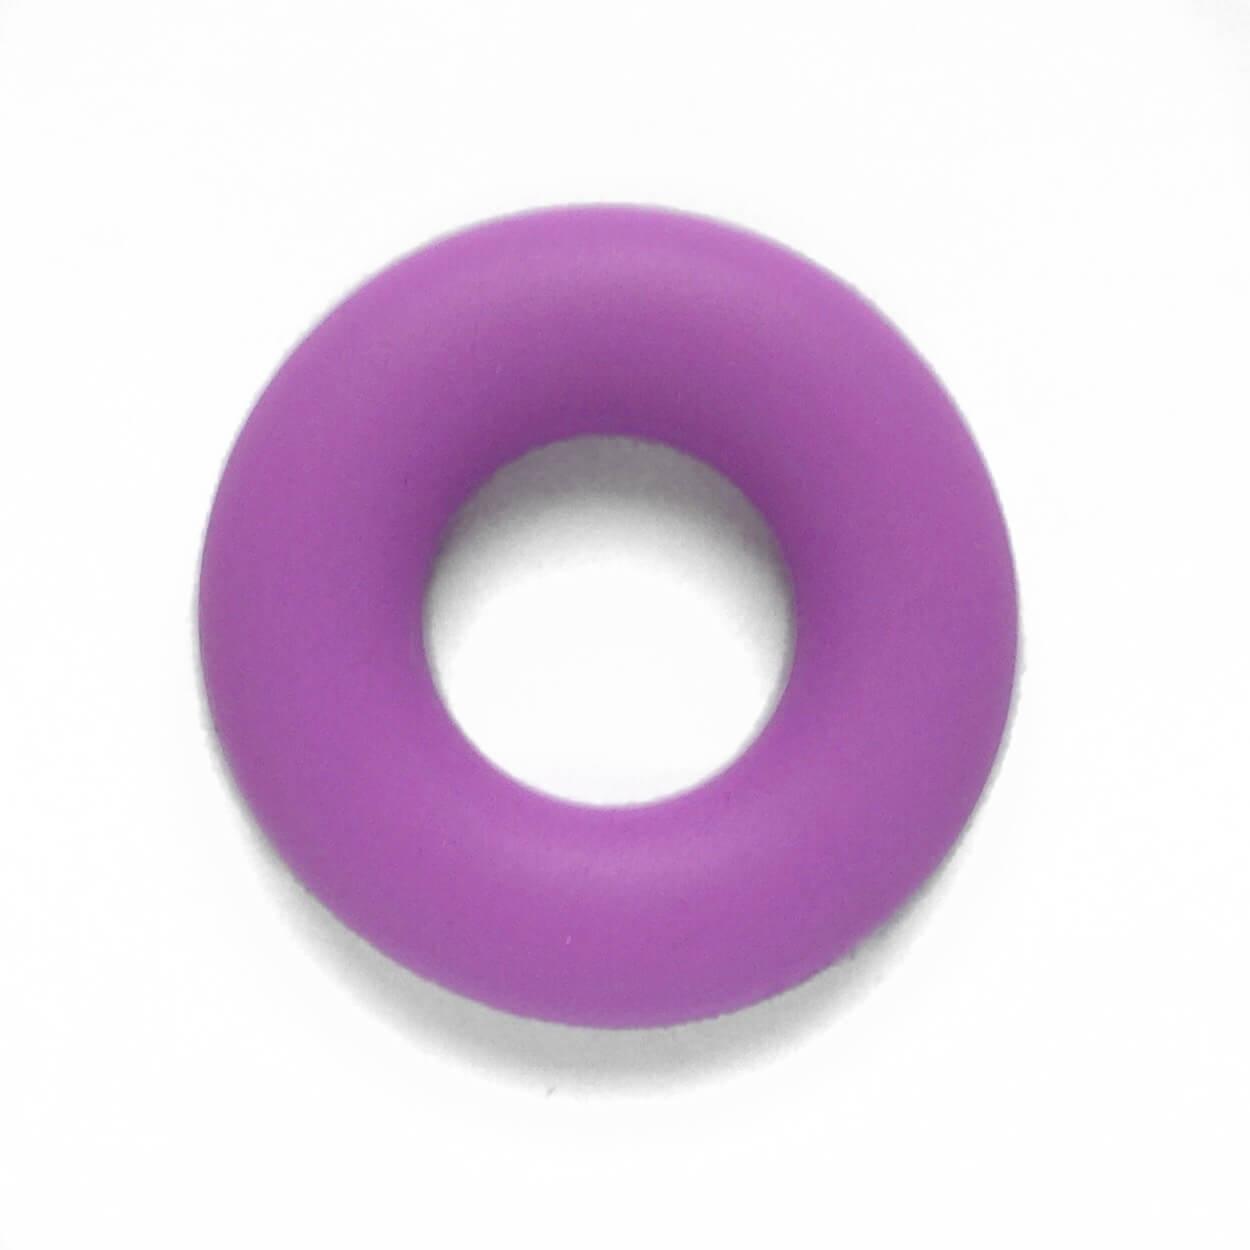 Колечко бублик (сирень) 43мм, бусины из пищевого силикона